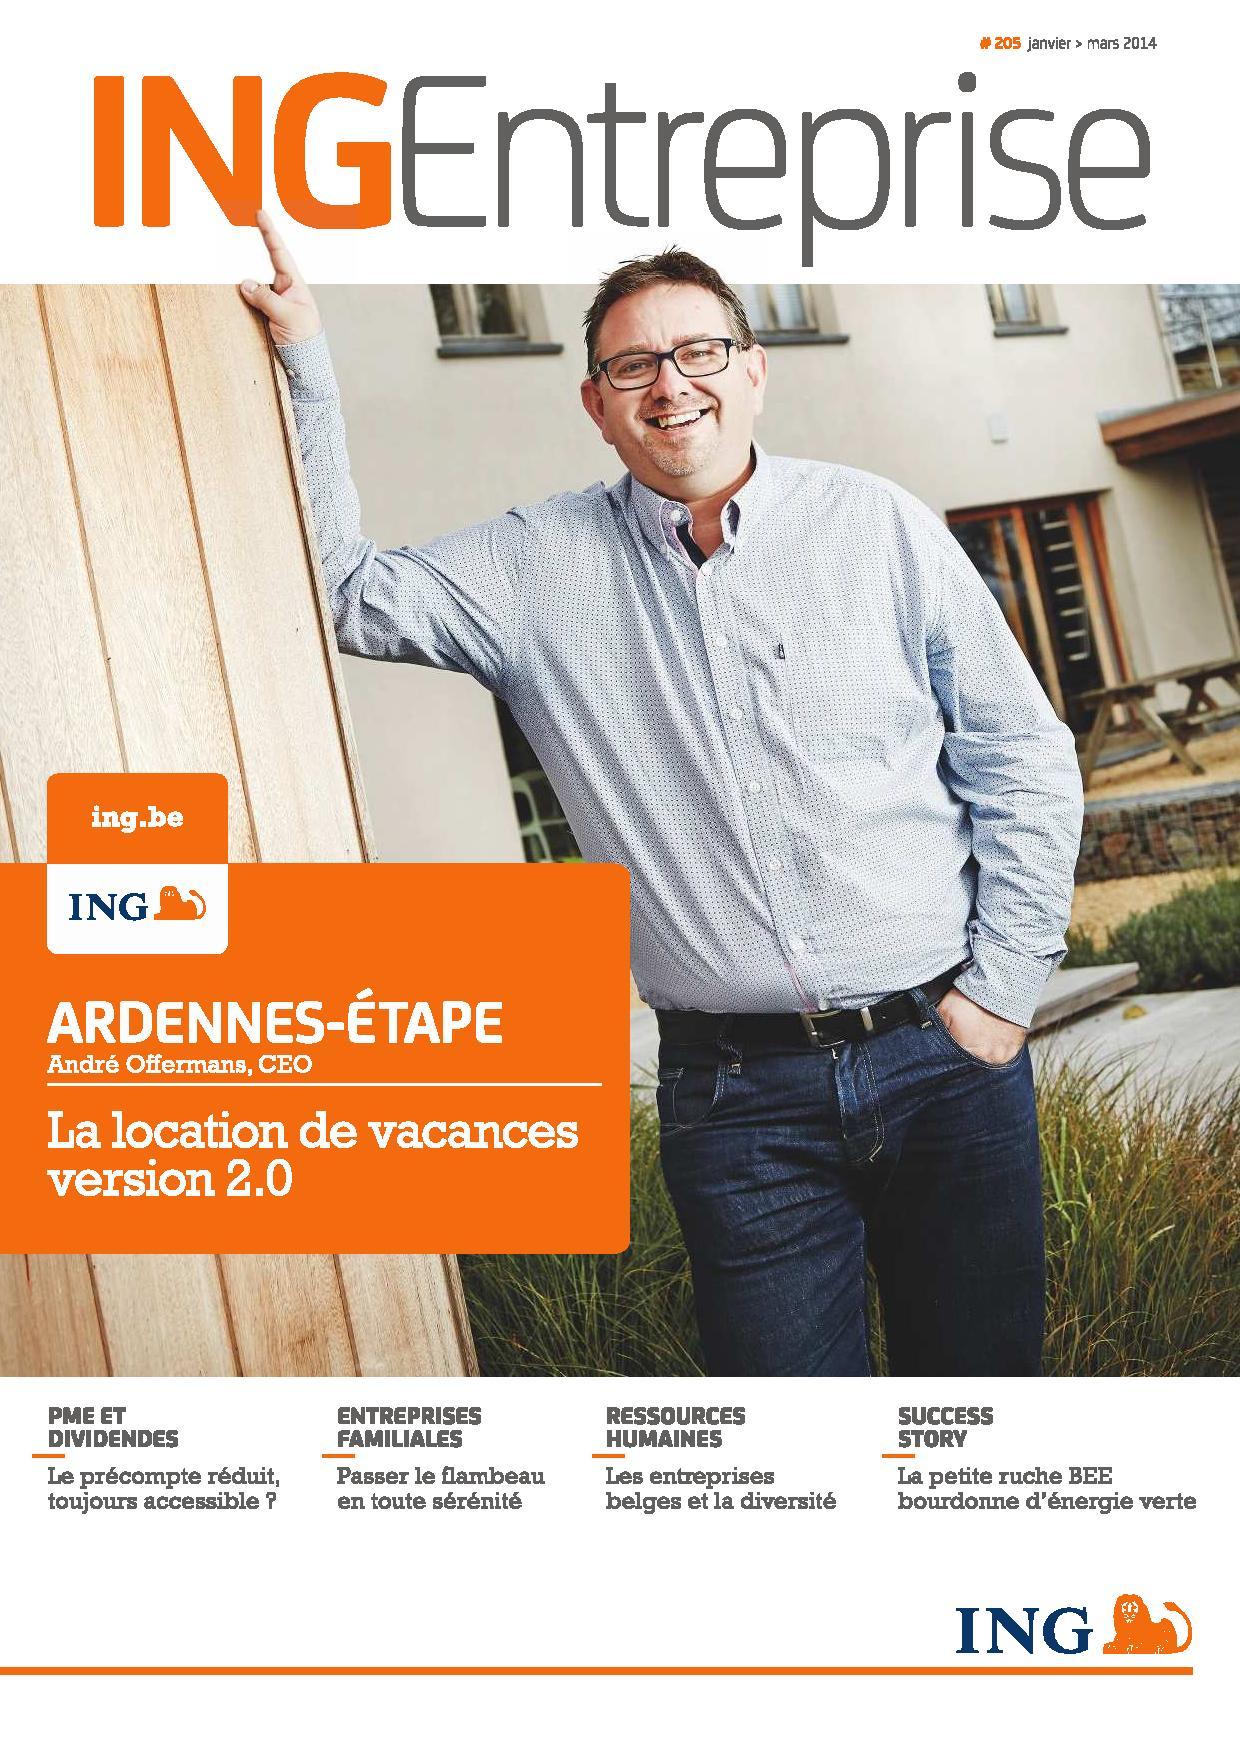 Monsieur Offermans, CEO d'Ardennes-Etape